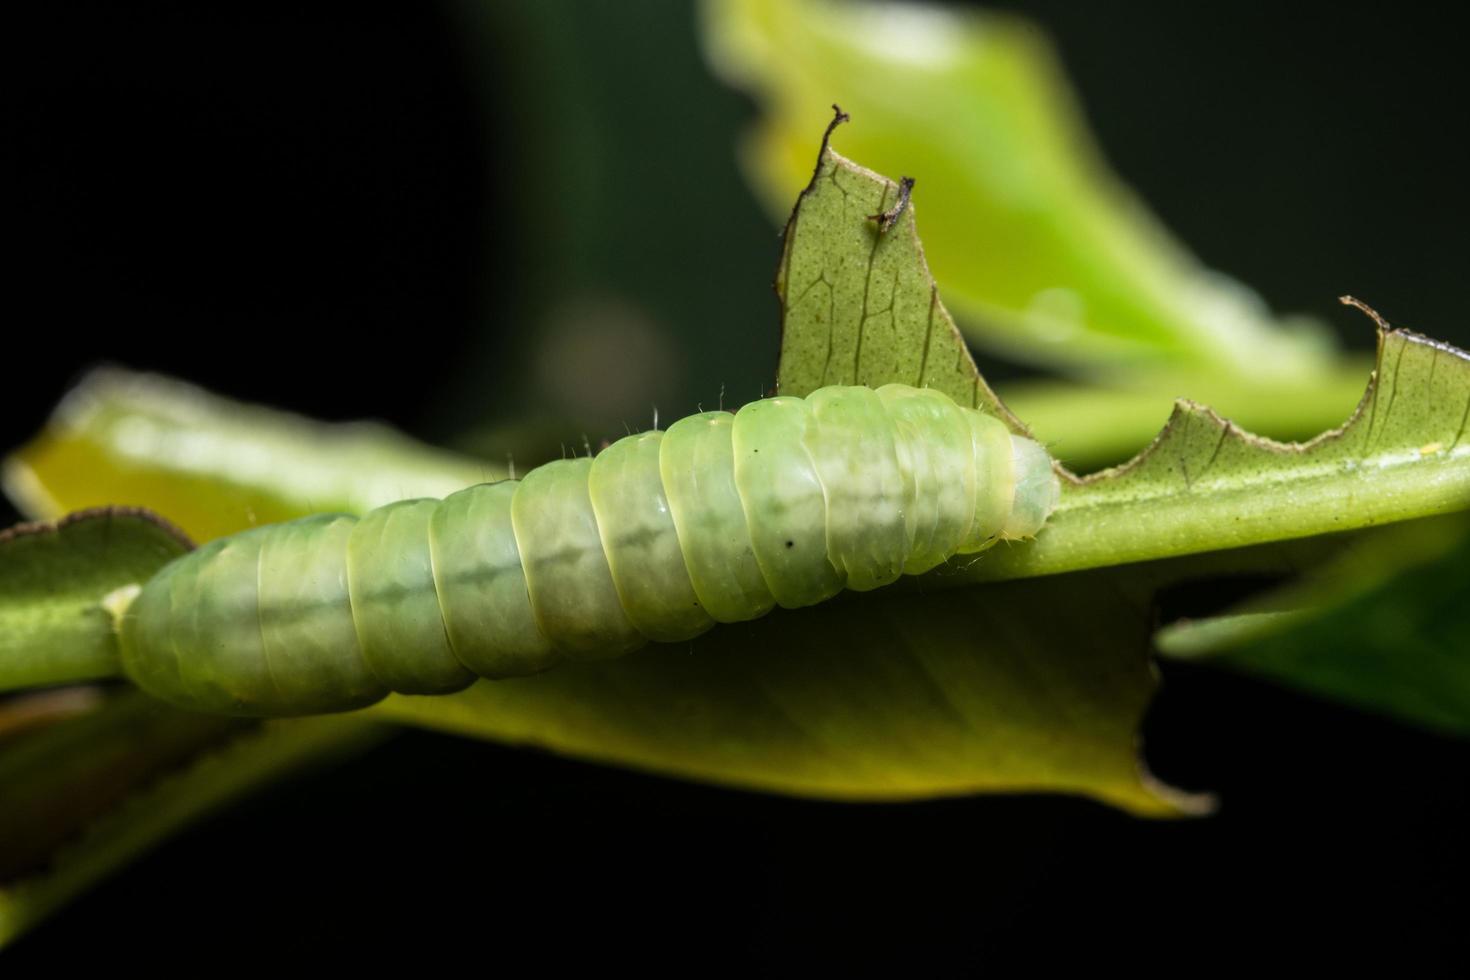 Wurm auf einem Blatt, Nahaufnahmefoto foto